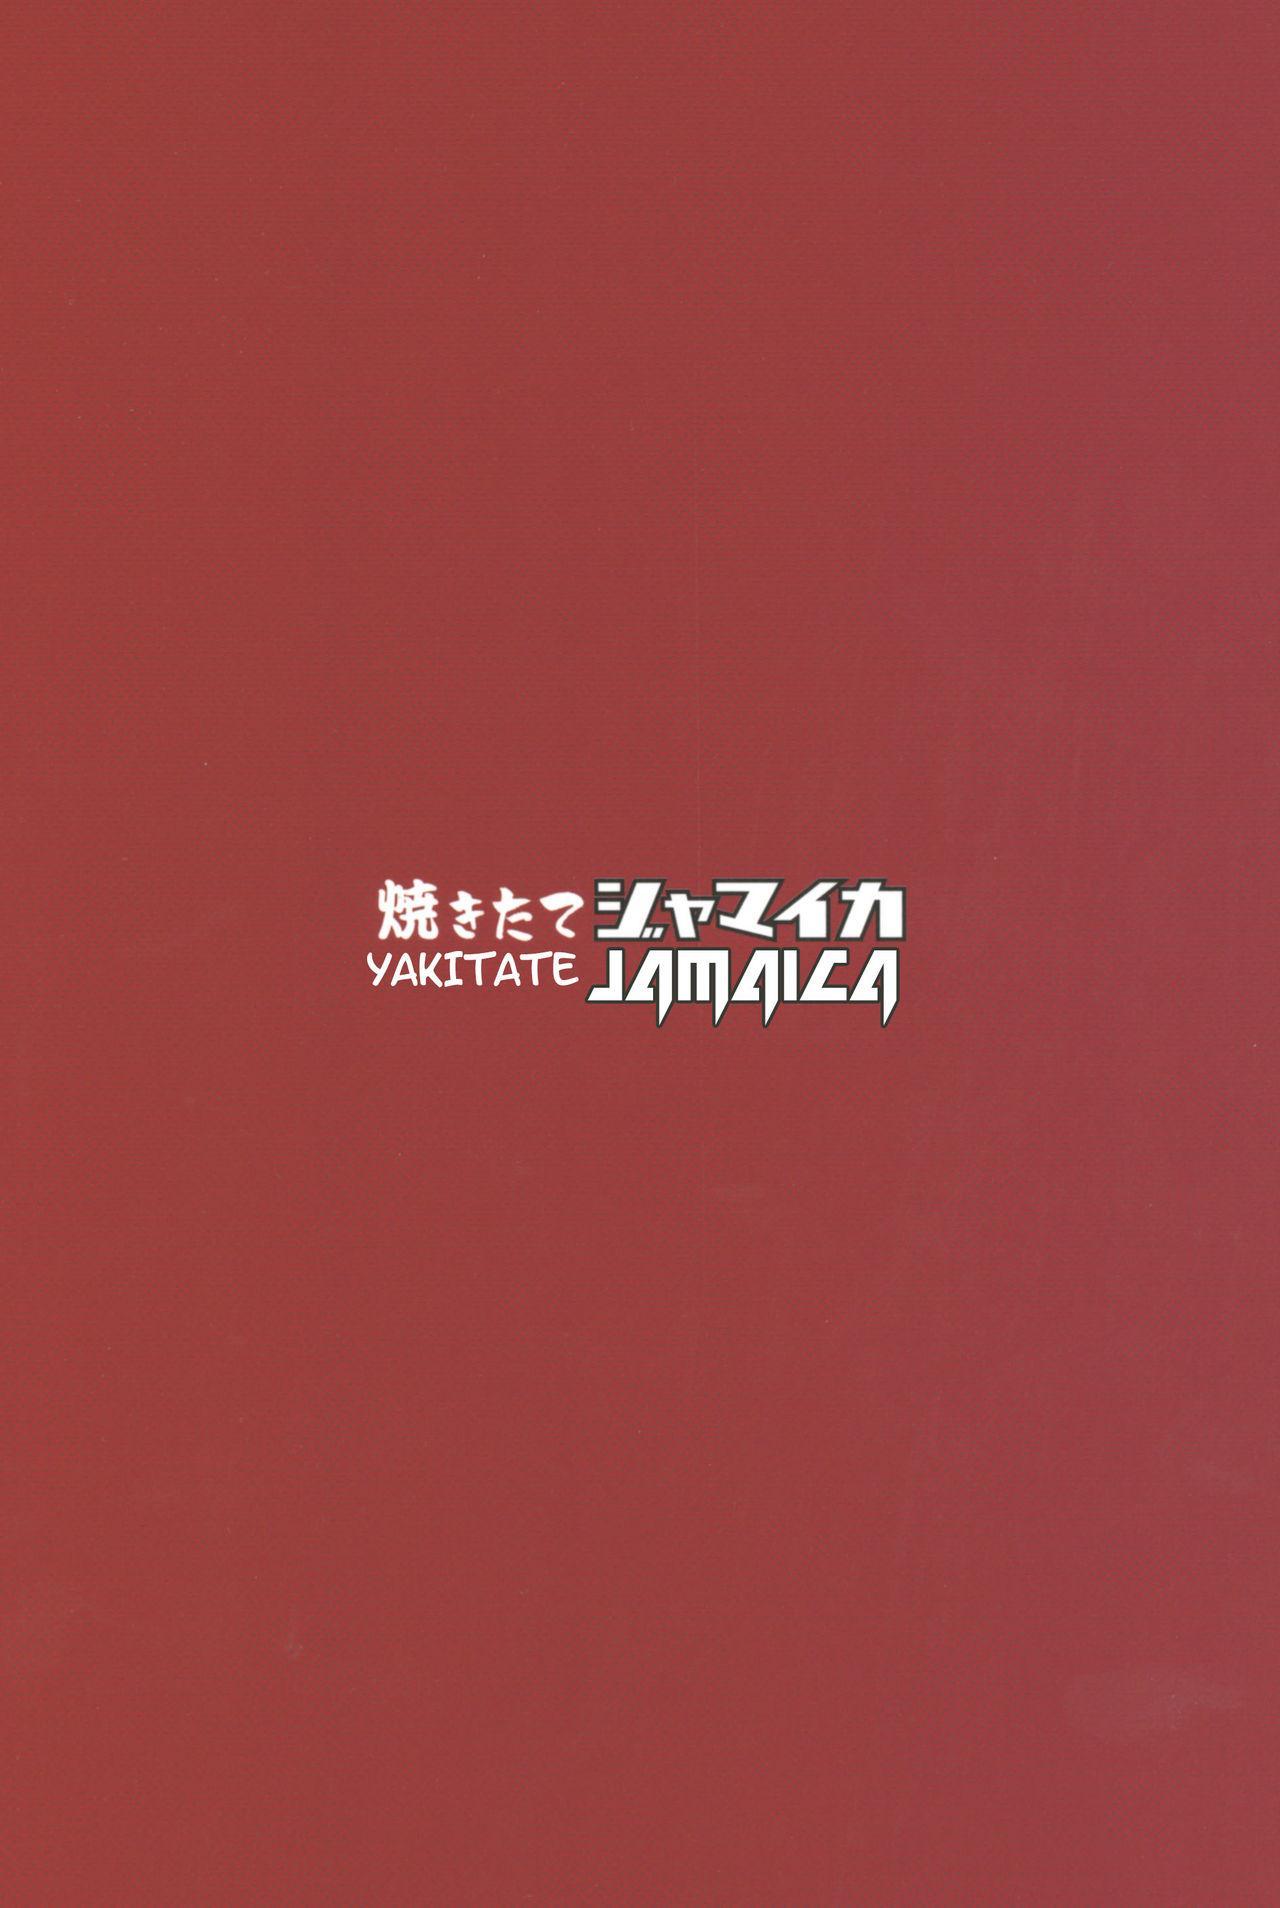 Chinpo Yakuza Miporin 4 Koucha Kairaku Choukyou Hen | Chinpo Yakuza Miporin 4 Black Tea Slave Training 25